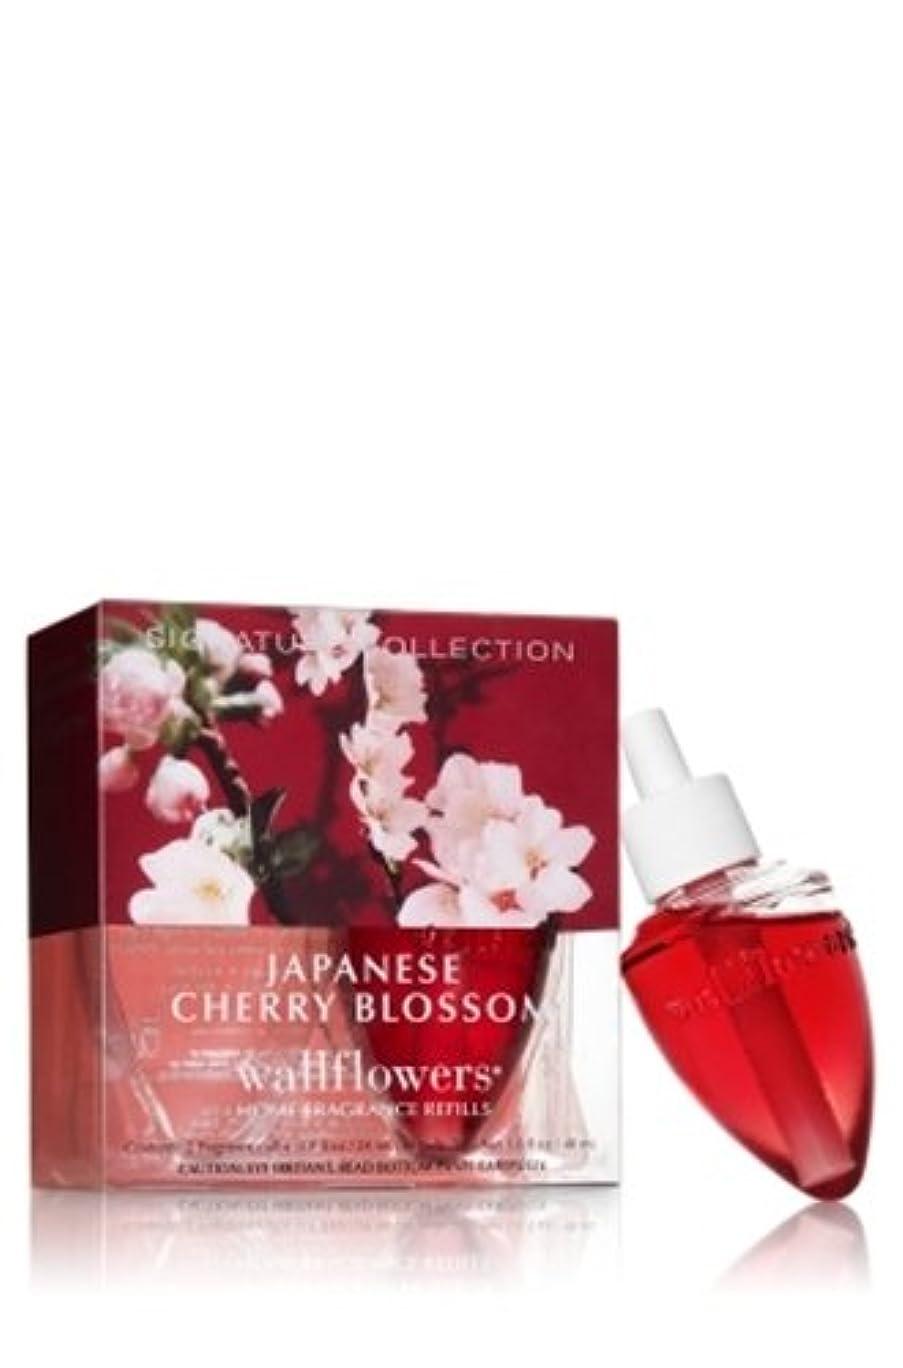 検閲化粧主張Bath & Body Works(バス&ボディワークス)ジャパニーズチェリーブロッサム ホームフレグランス レフィル2本セット(本体は別売りです)Japanese Cherry Blossom Wallflowers...